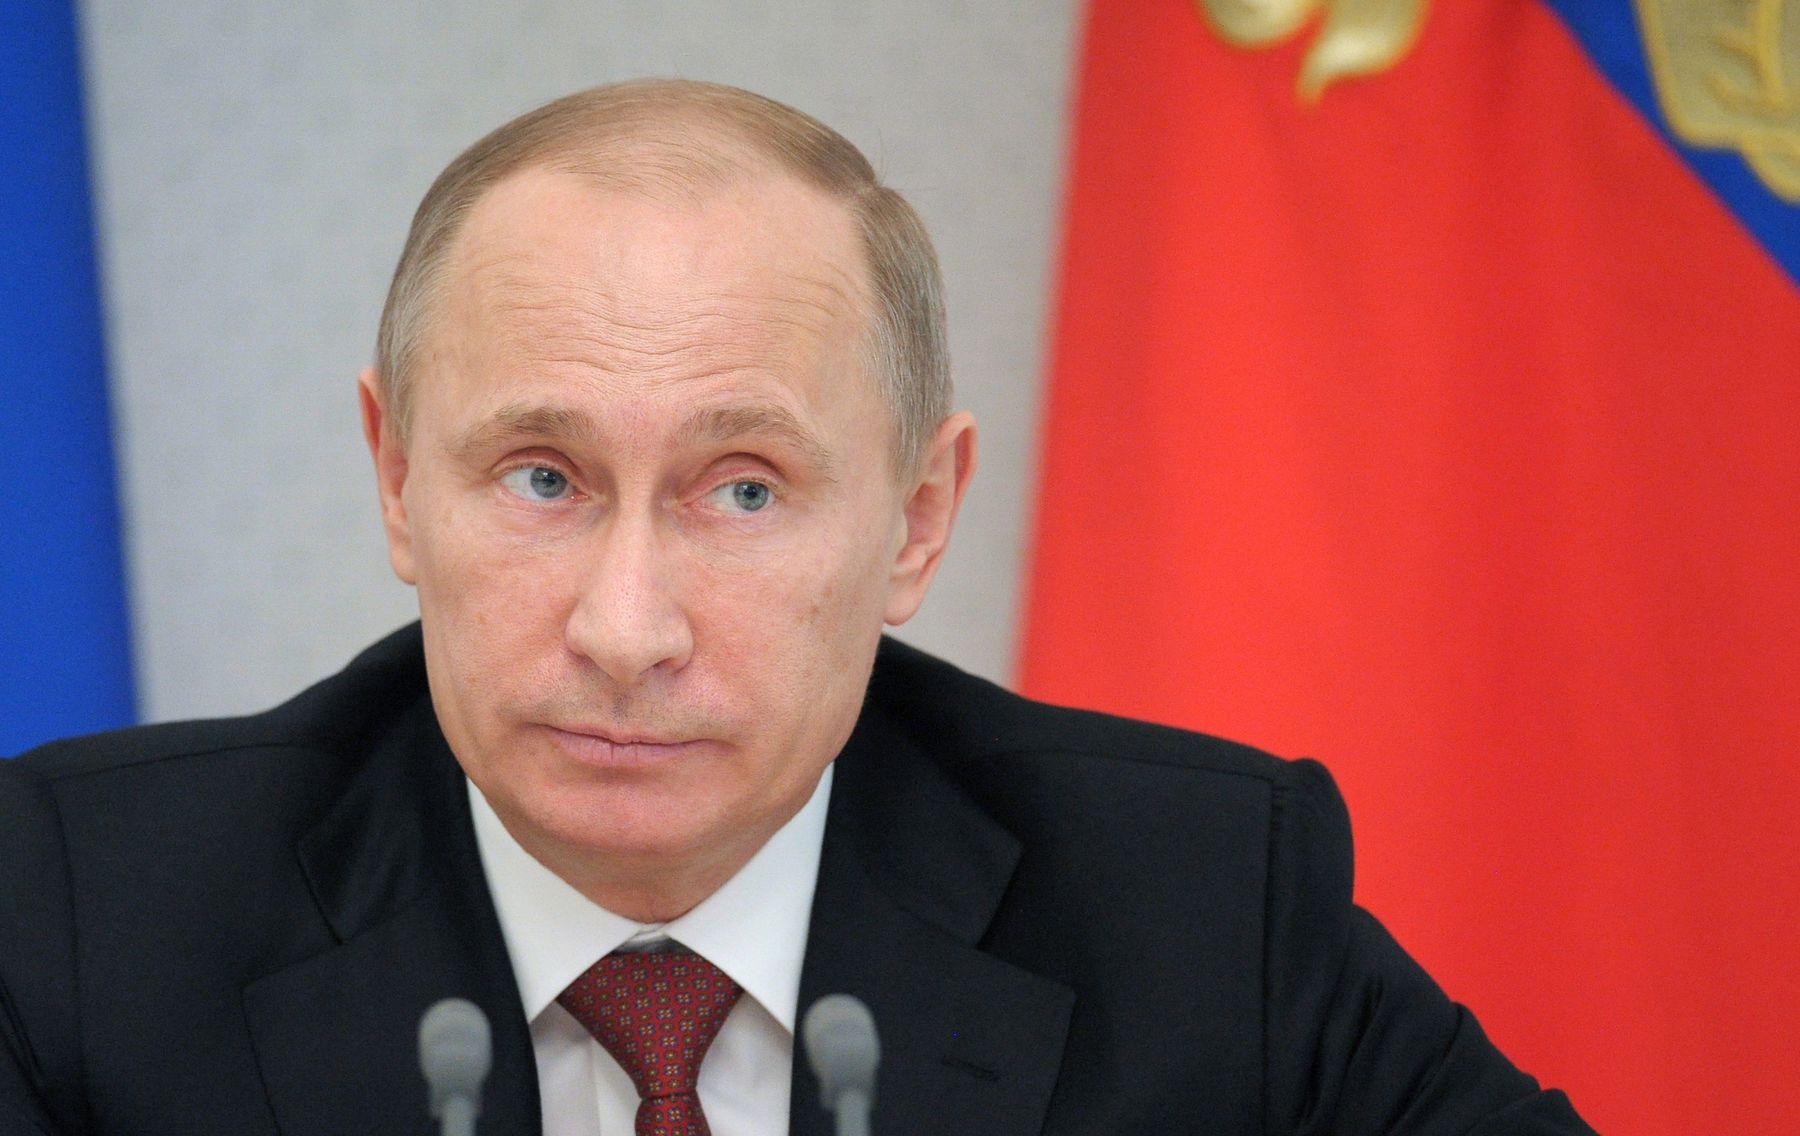 Путин: Россия создаст комплексы, способные преодолеть любую систему ПРО